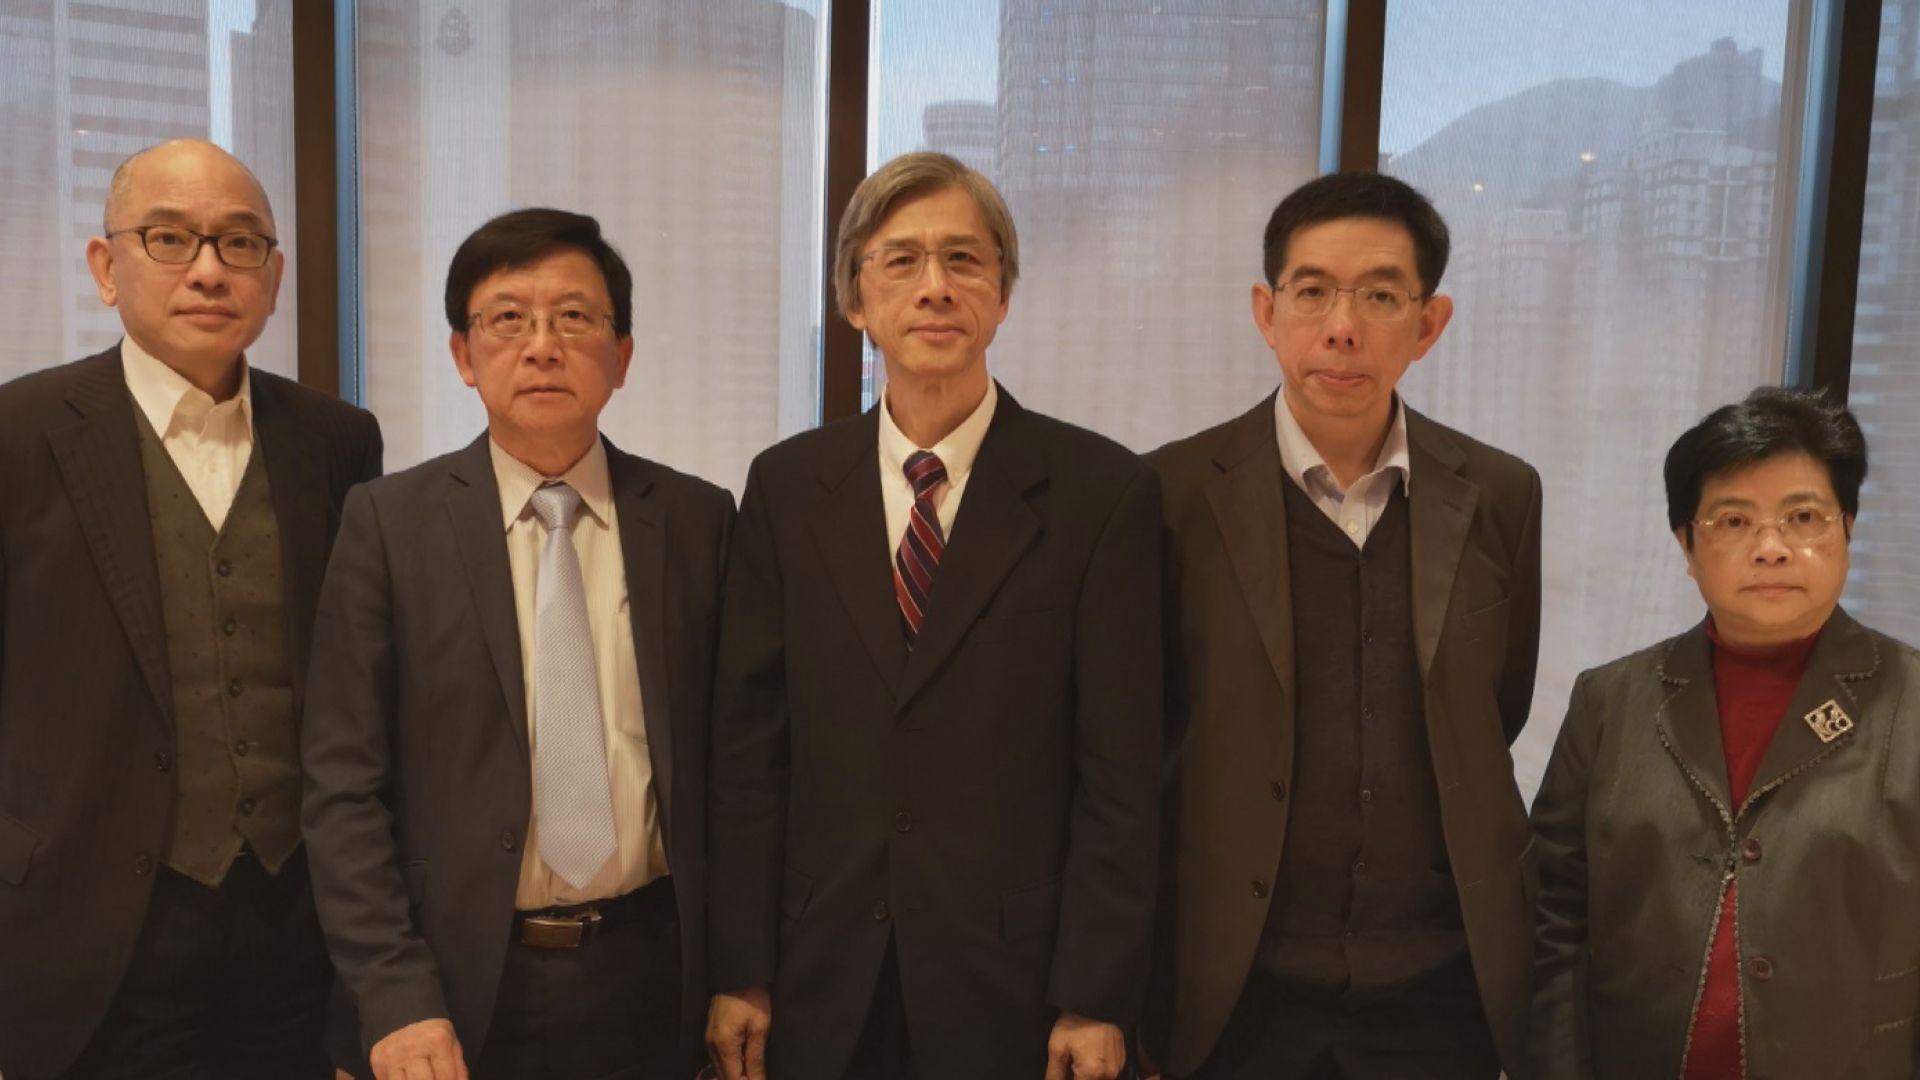 李東海小學事件獨立調查委員會首次開會